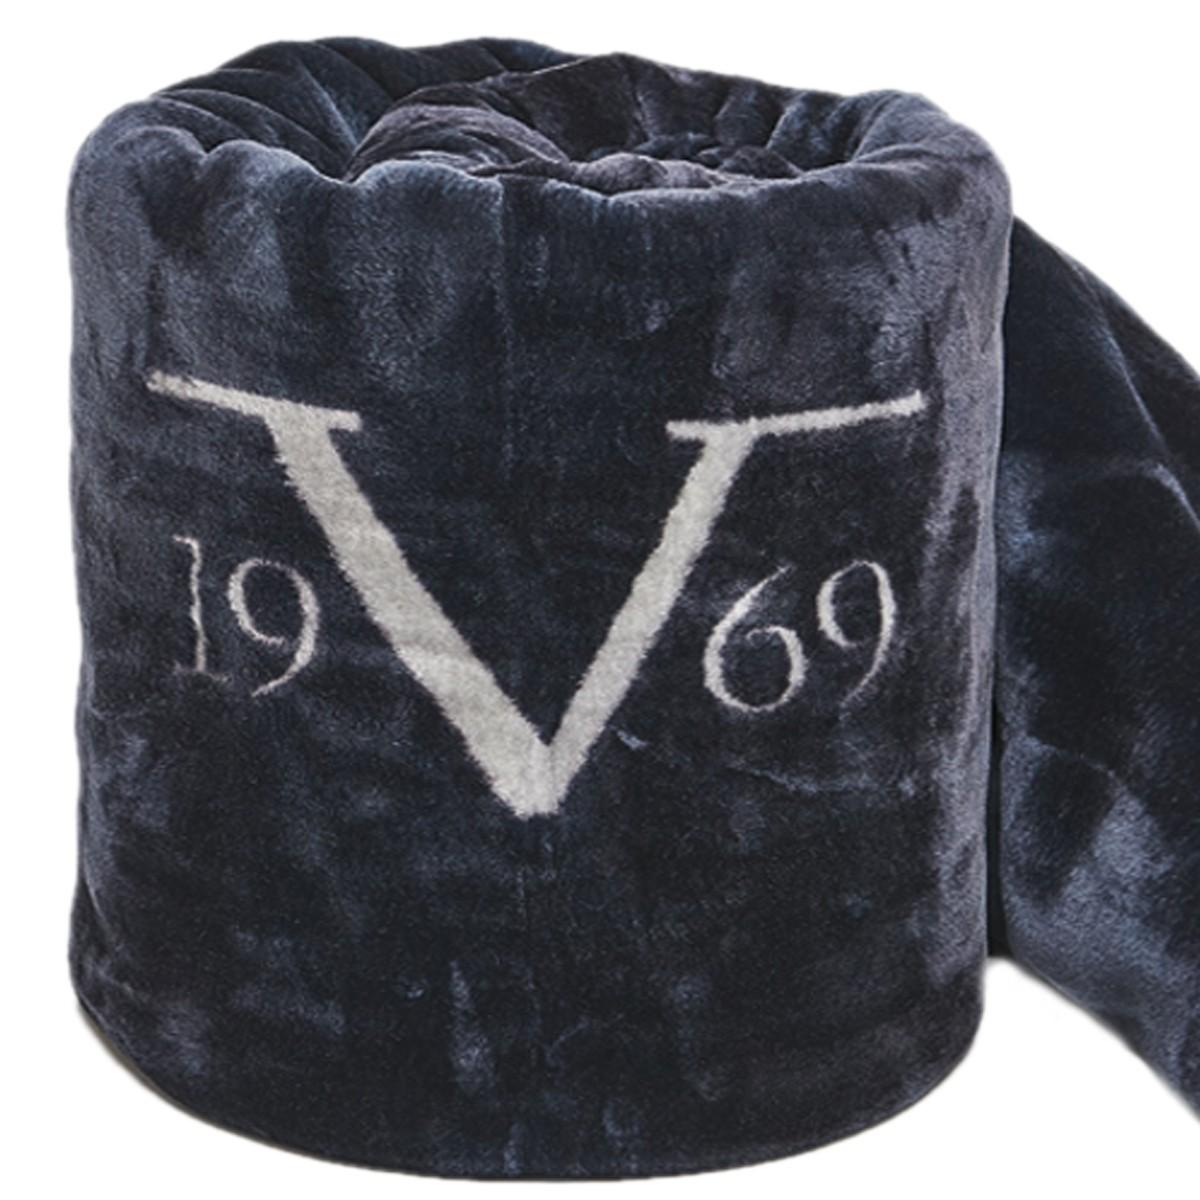 Κουβέρτα Βελουτέ Υπέρδιπλη V19.69 Velluto Solano